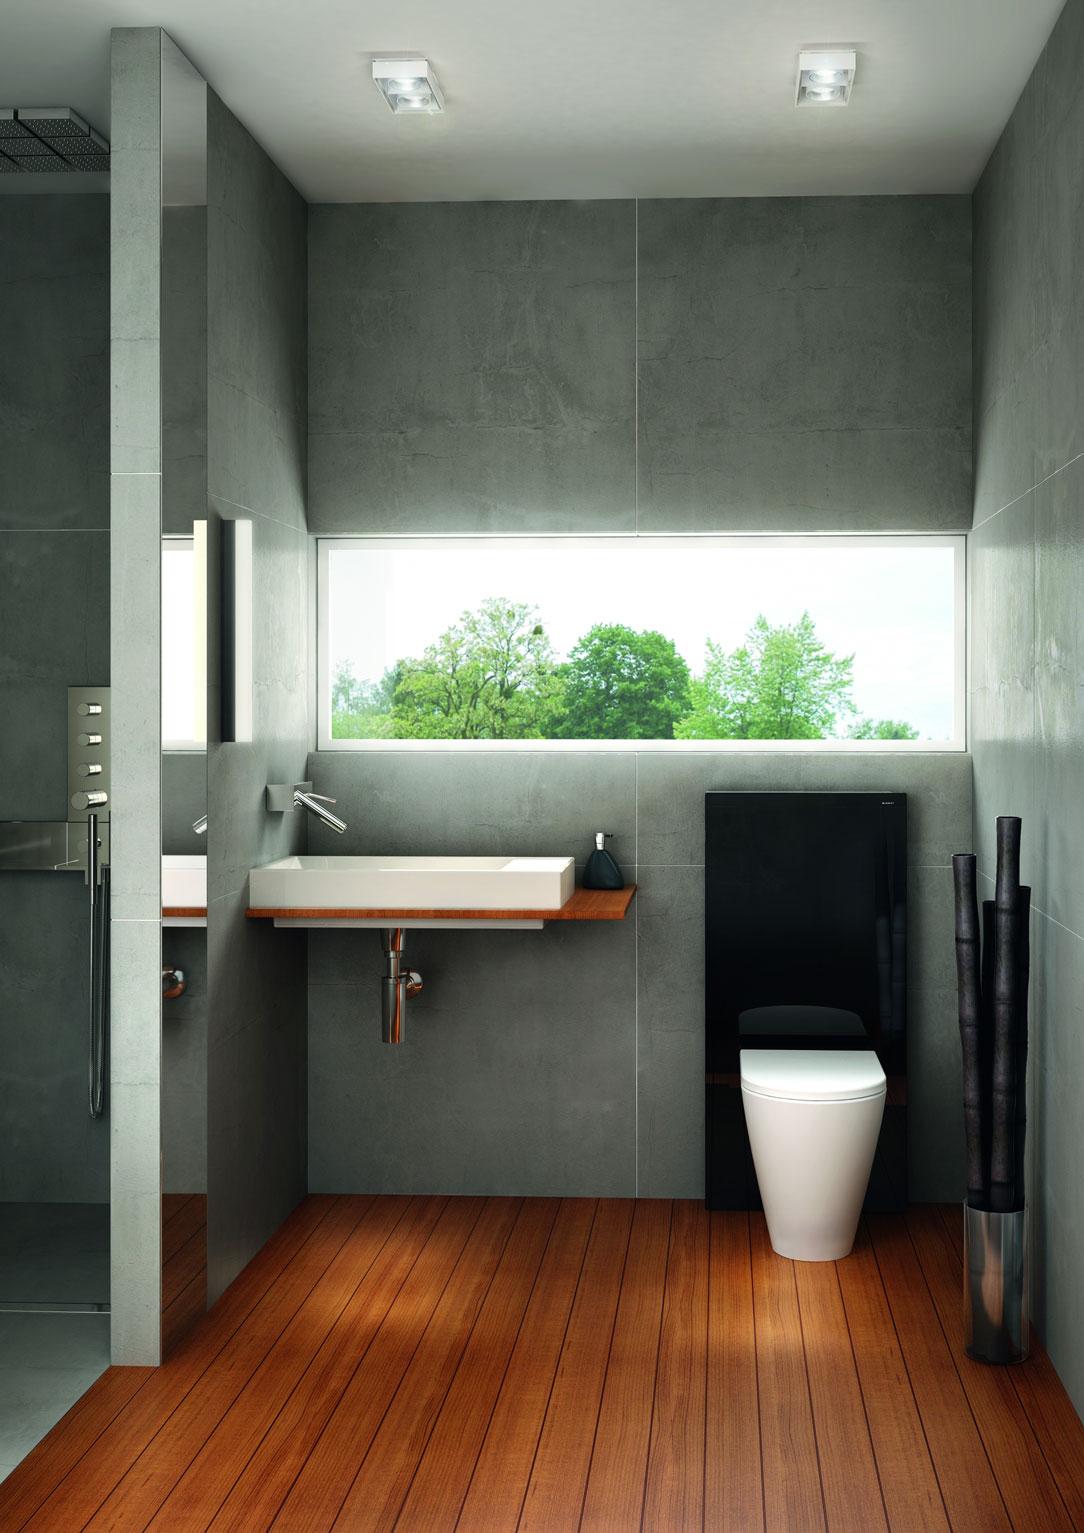 Badezimmer schöner wohnen jtleigh hausgestaltung ideen